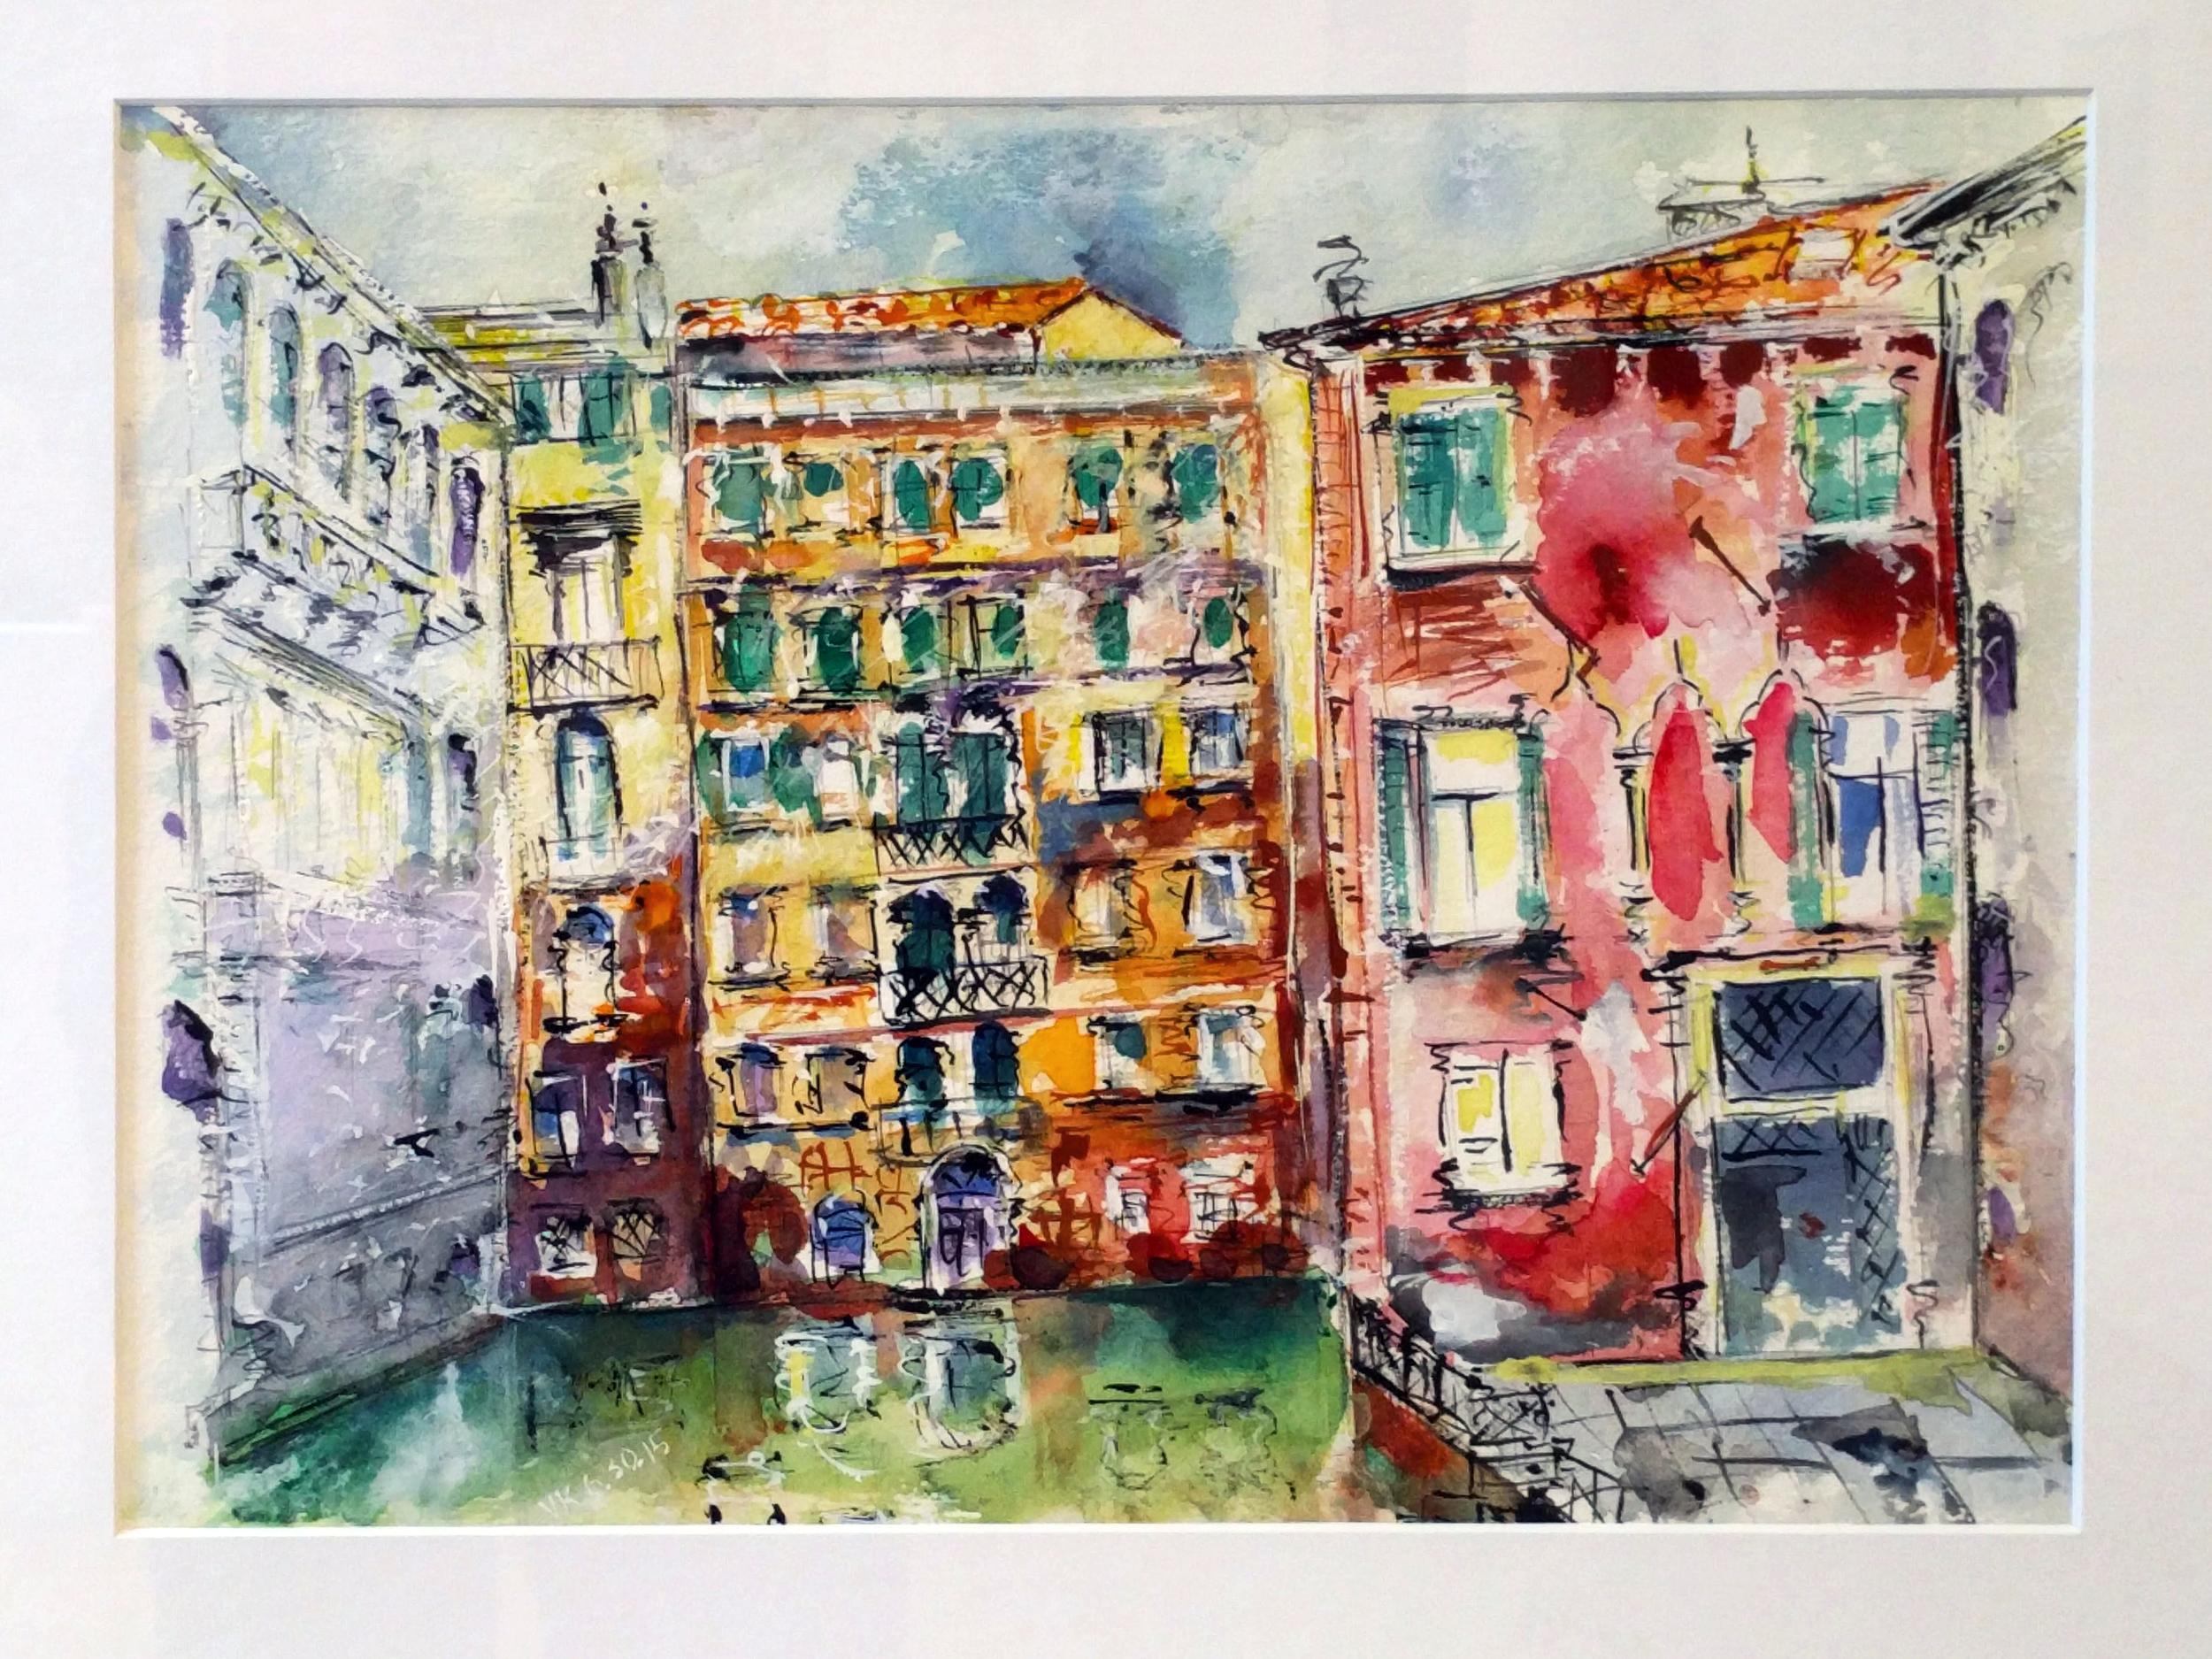 """Vladimir Kezerashvili """"Venice"""" 2015 watercolor on paper, 11 x 15 in."""